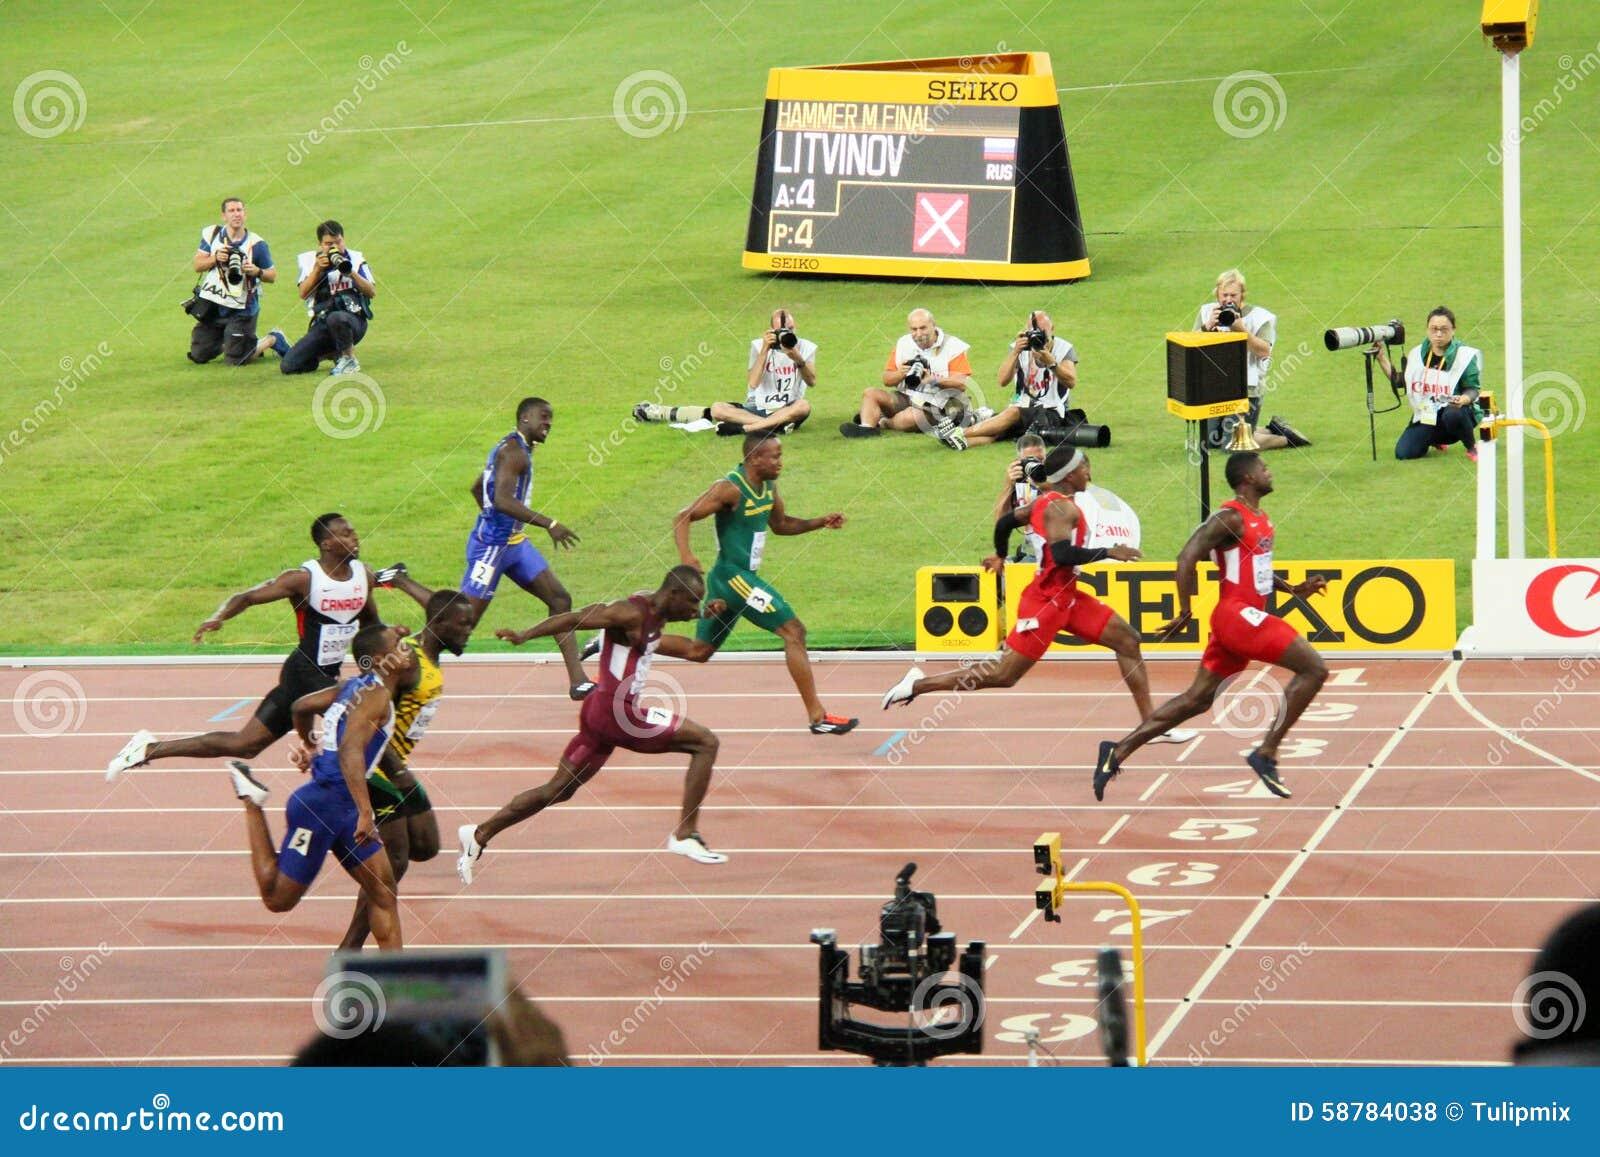 Justin Gatlin του ενωμένου κράτους που οδηγεί σε 100 μέτρα ημιτελικών στα παγκόσμια πρωταθλήματα Πεκίνο IAAF